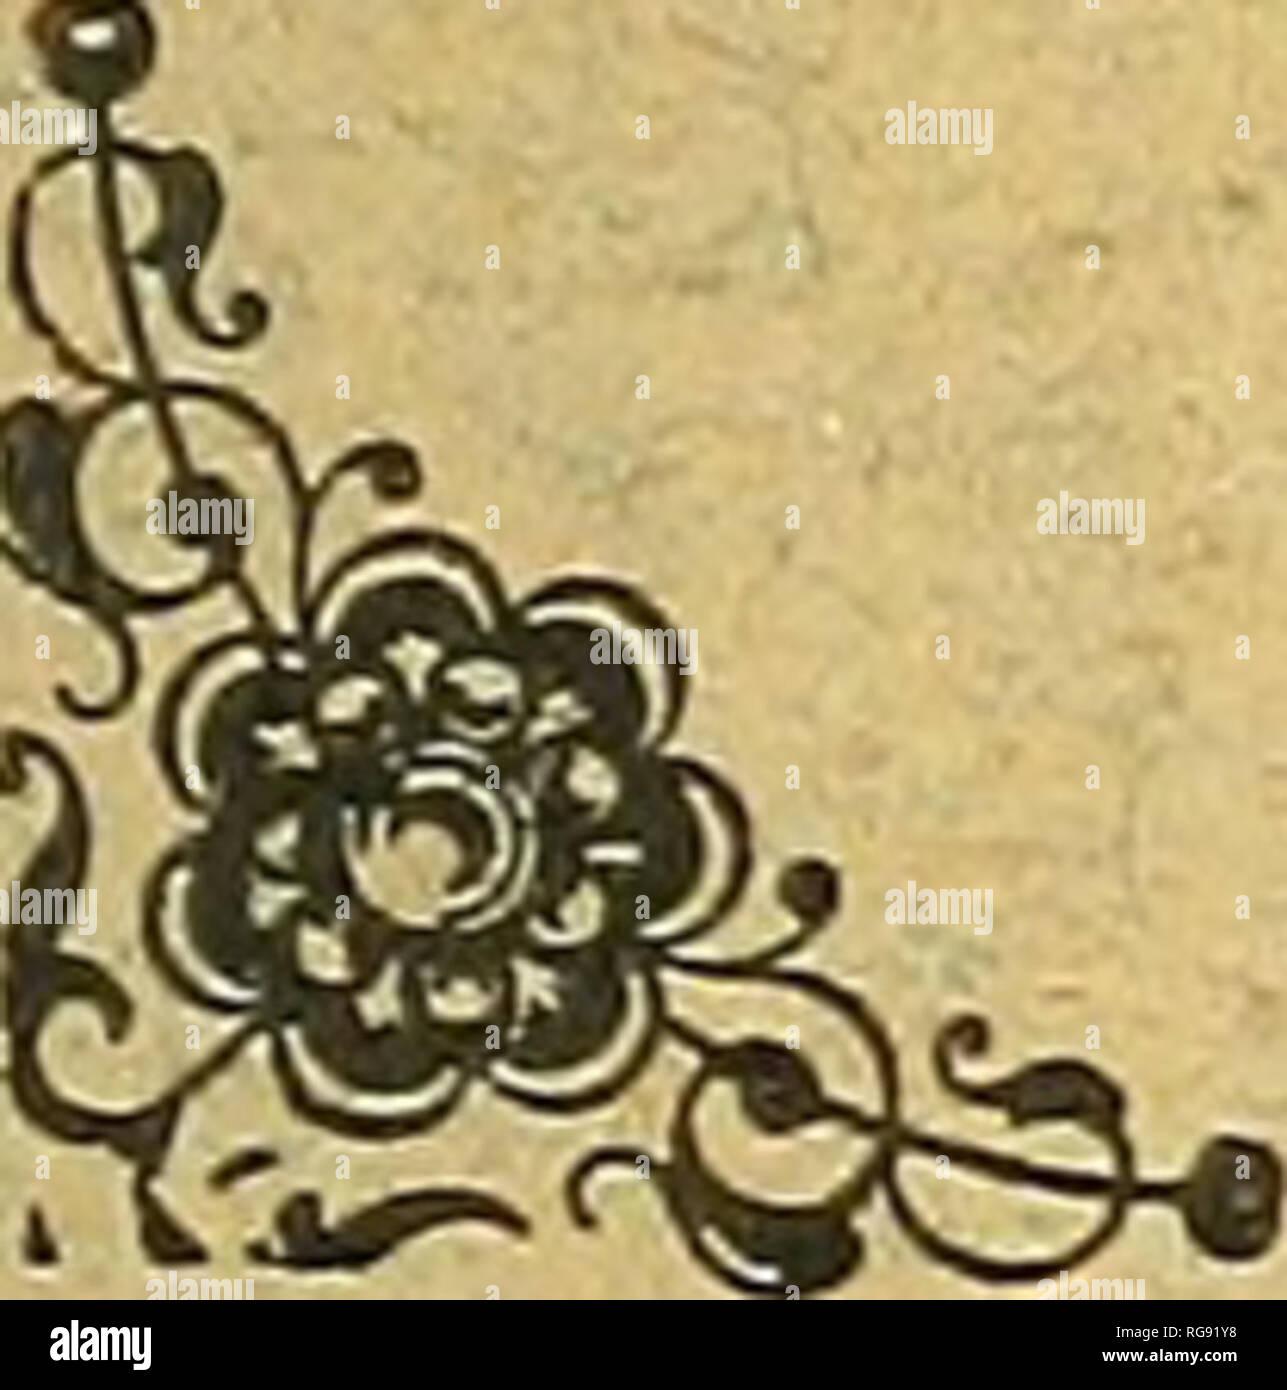 . Bulletin trimestriel de la Société mycologique de France. Mycology; Fungi; Fungi. DE LA SOCIÃTà MYCOLOGI-OUà DE FRANCE Pour le progrès et la diffusion des connaissances relatives aux Champignons Tome XXXI. â l^r et 2^ Fascicules. SOMMAIRE Première Partie. Modifications à la liste des membres de la Société 5 Travaux originaux : Circulaire de M. le D' Pinoy ' 8 P. Vuillemin. âL'abbé Léon Vou^ux (1870-1914) (avec portrait) 10 P. M. Biers. â Nouveaux cas de superposition chez les Champignons (fig. texte et Fl. I) 14 G. Arnaud. â Notes mycologiques (G. Isaria et Paro- diopsis) (PI. II, II - Stock Image